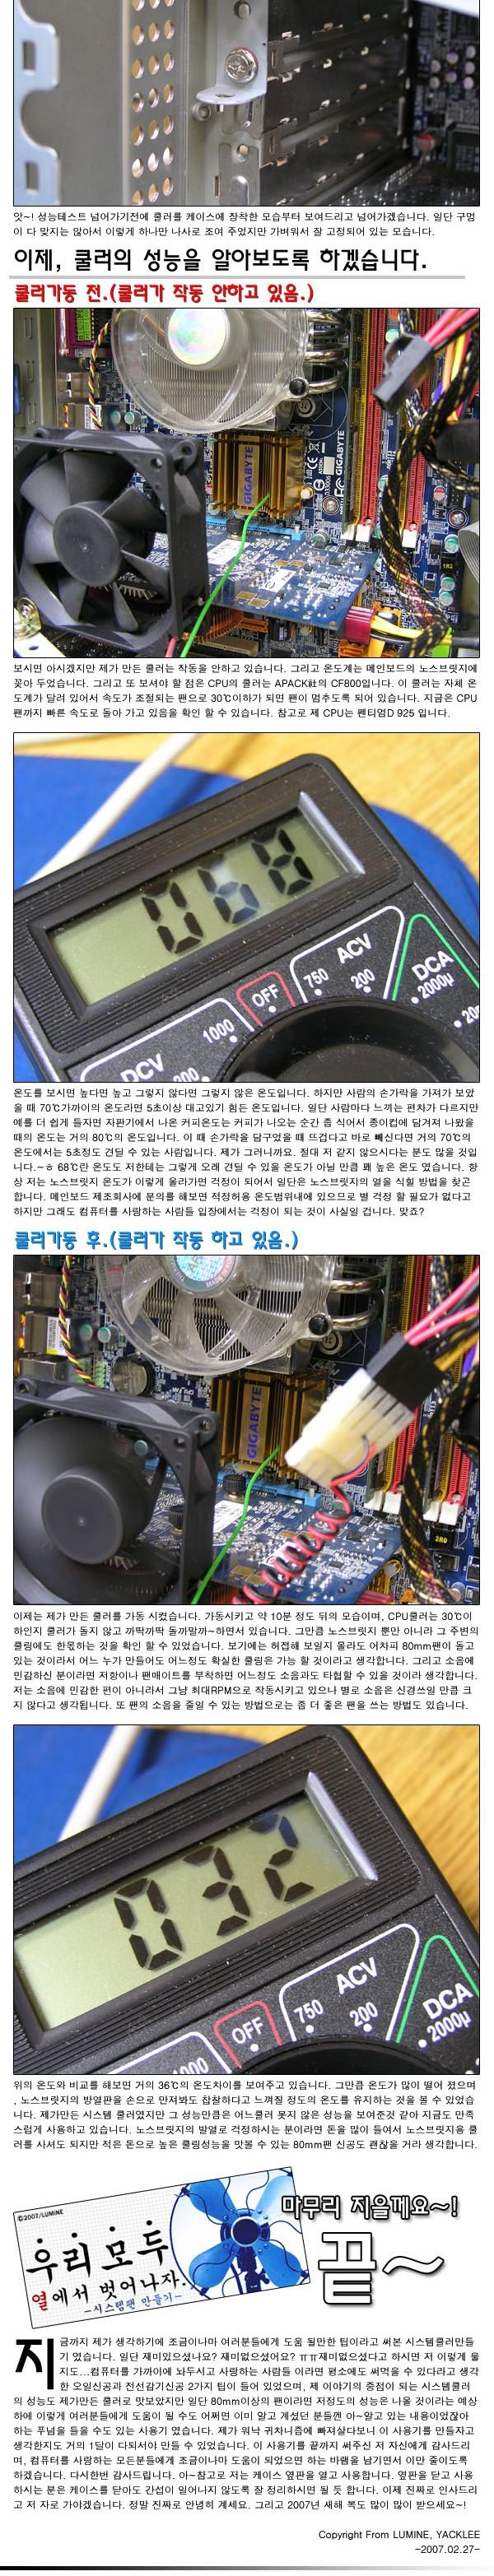 system_cooler_post_003.jpg